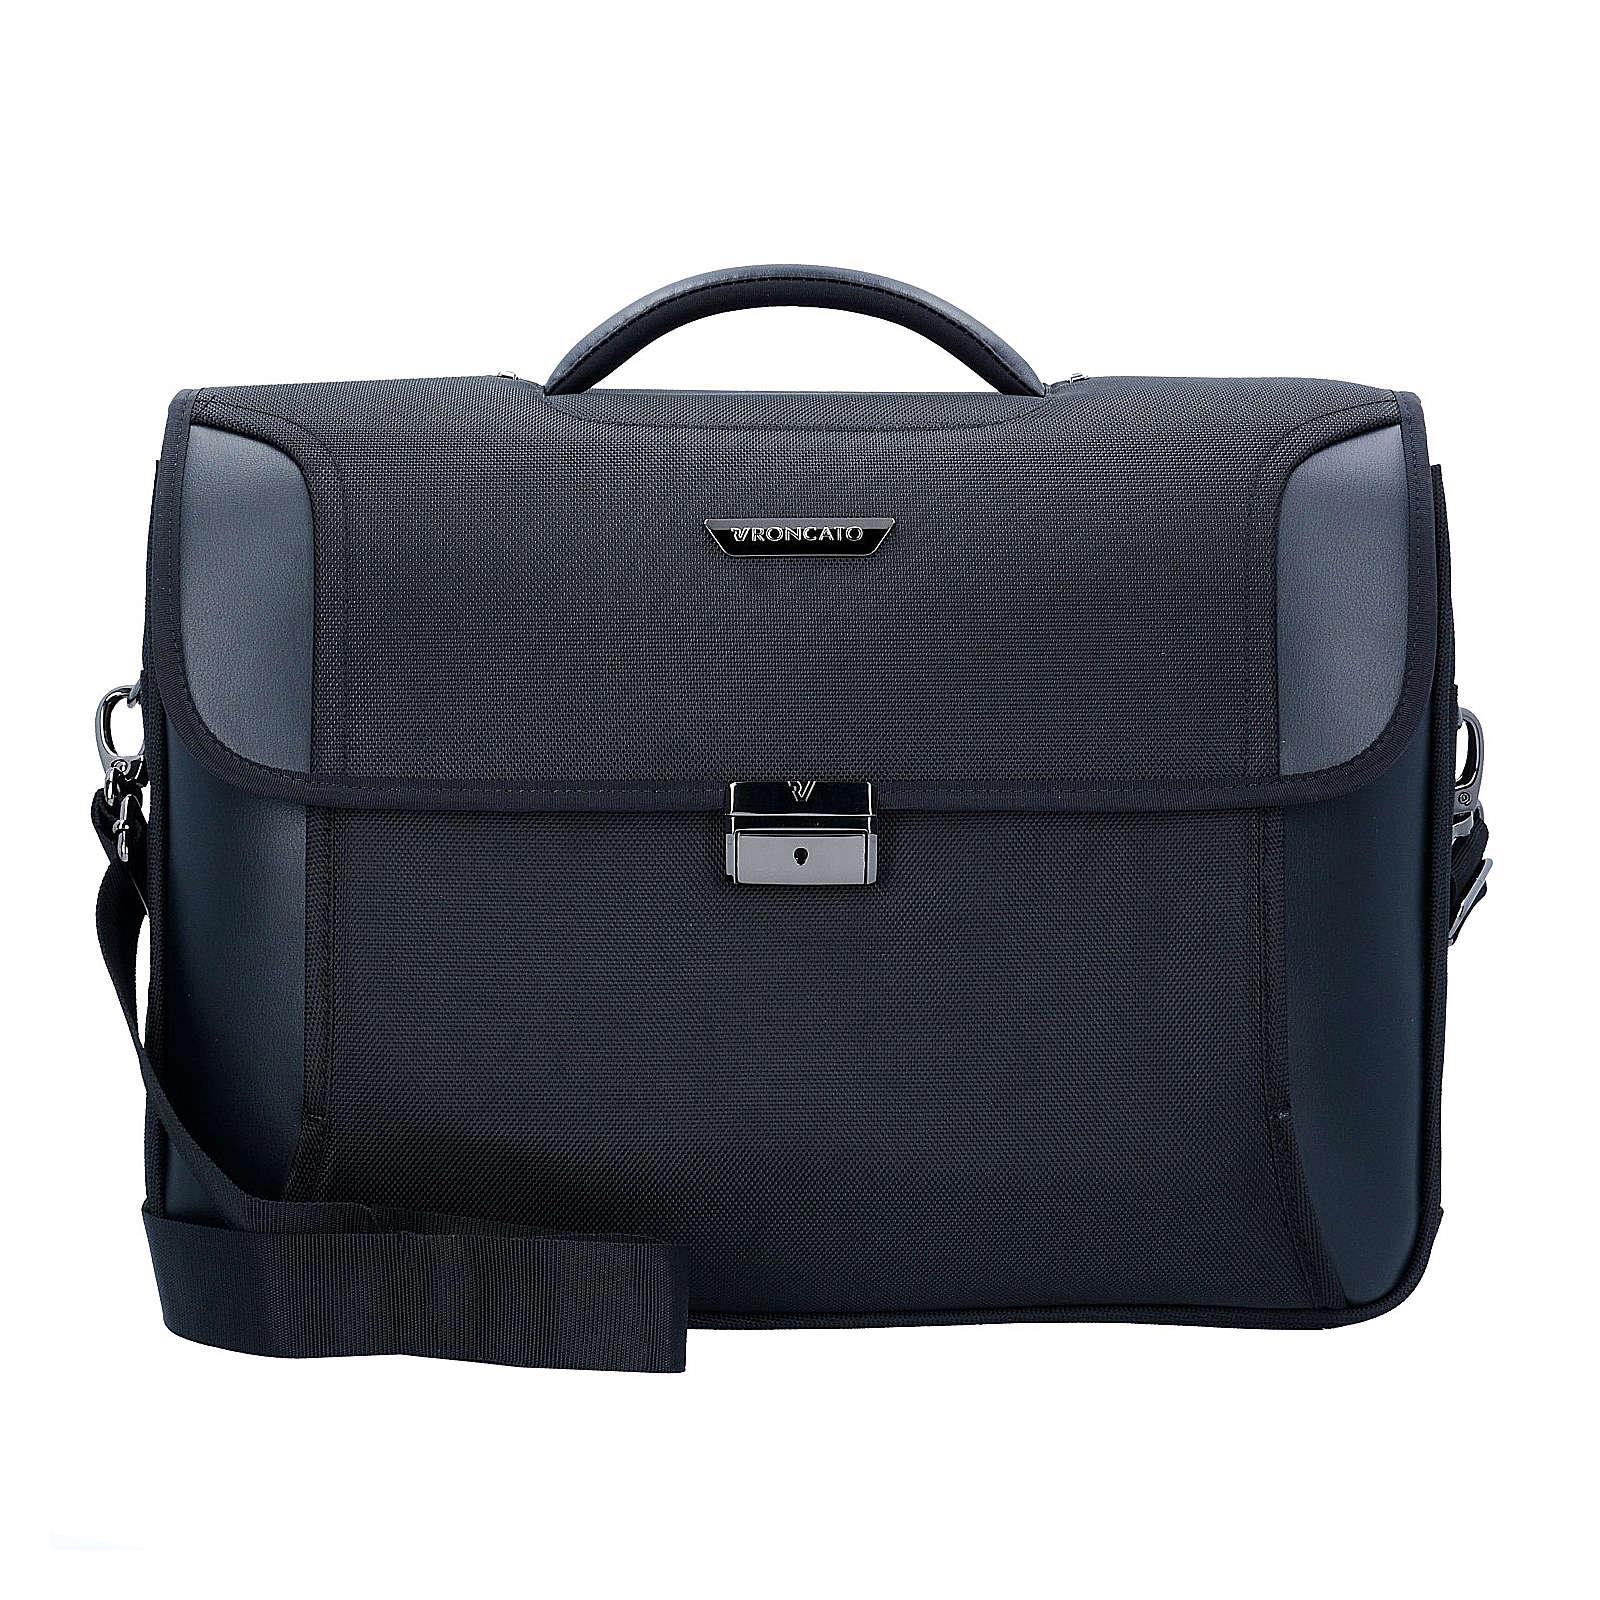 Roncato Biz 2.0 Business Tasche Laptopfach 42 c...